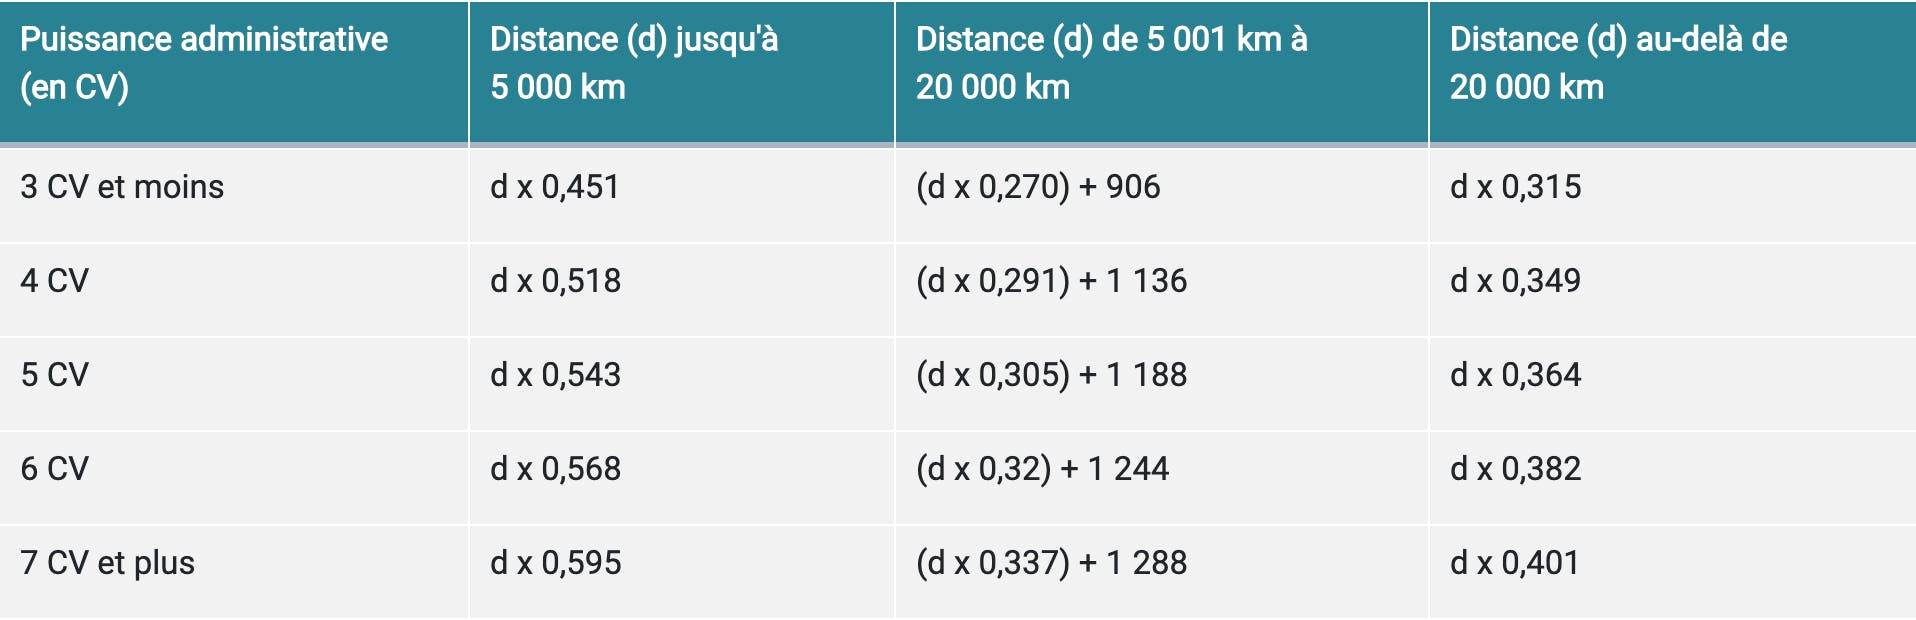 bareme kilometrique